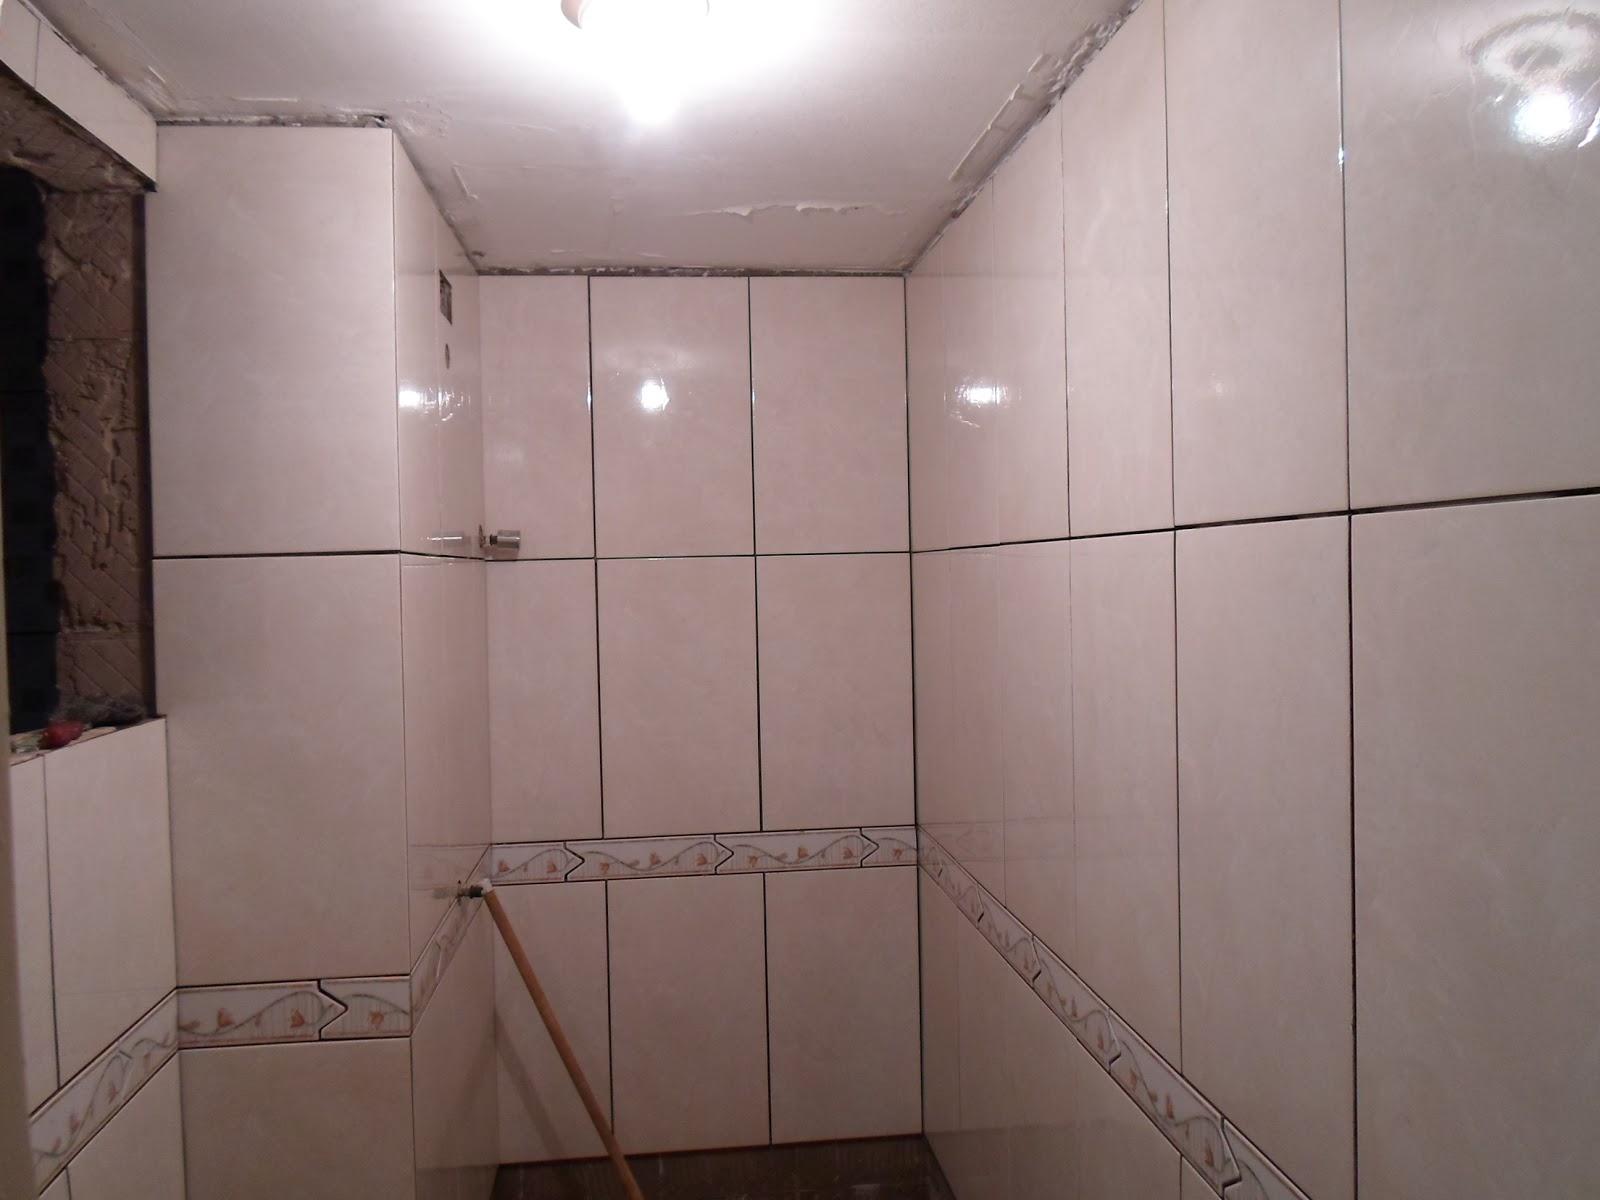 decoracao de banheiro leroy merlin:do banheiro é o mesmo da cozinha  #332420 1600 1200